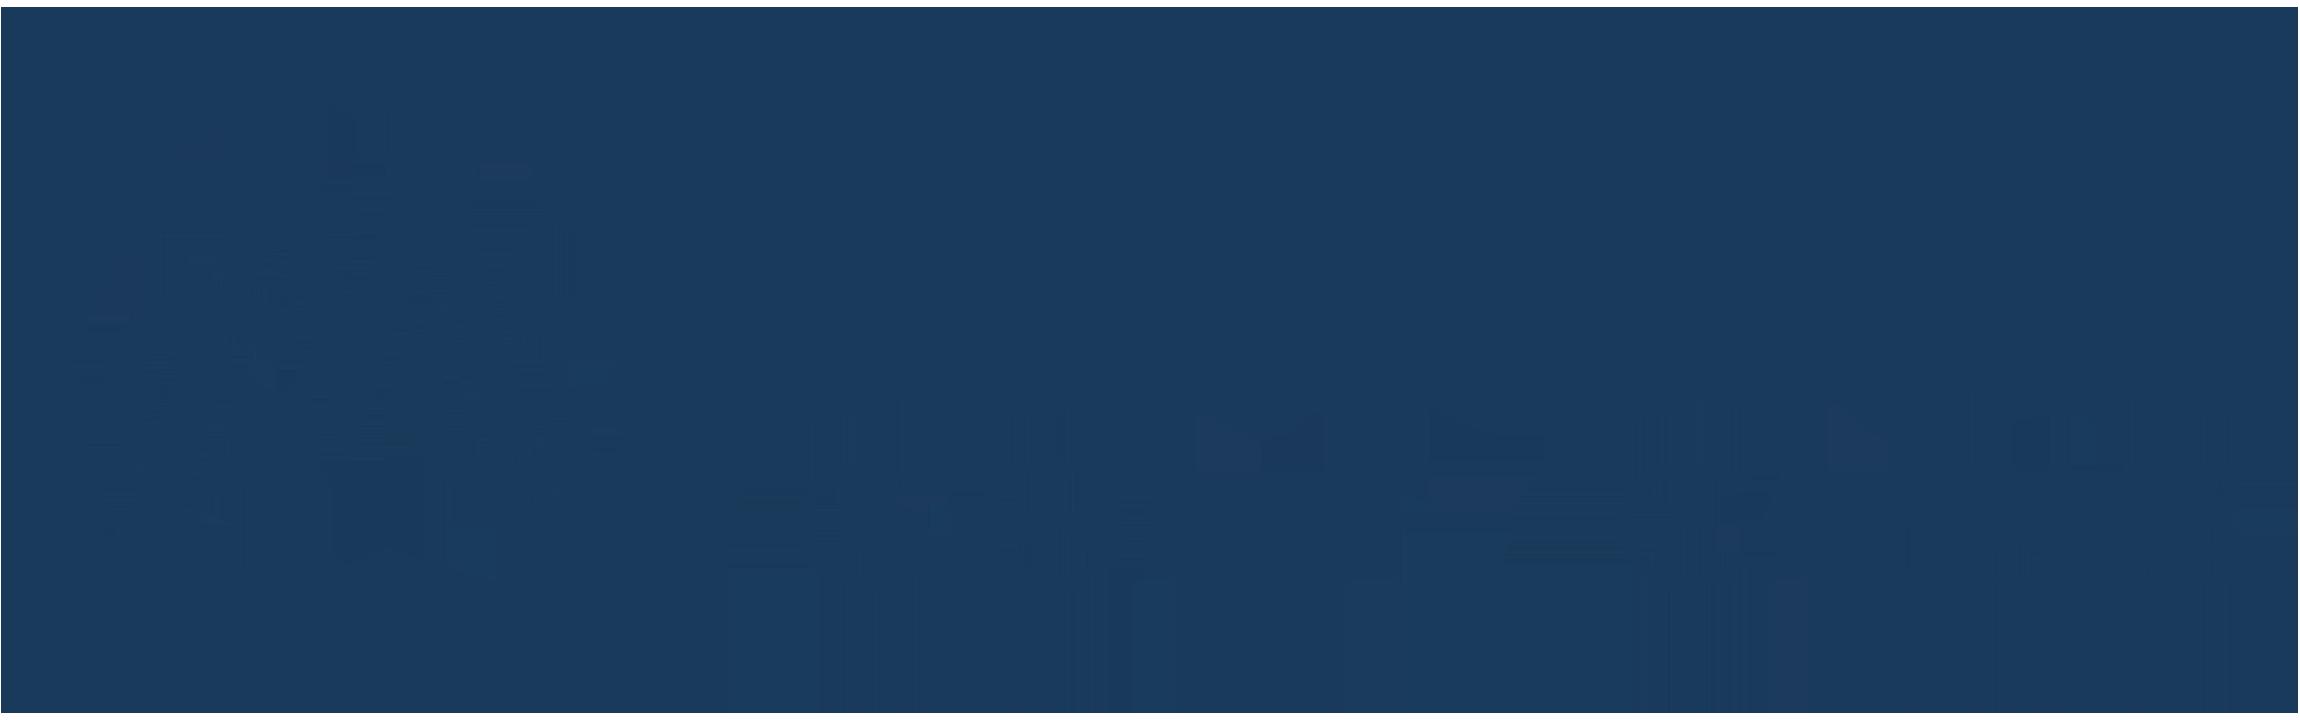 Medway Golf Club